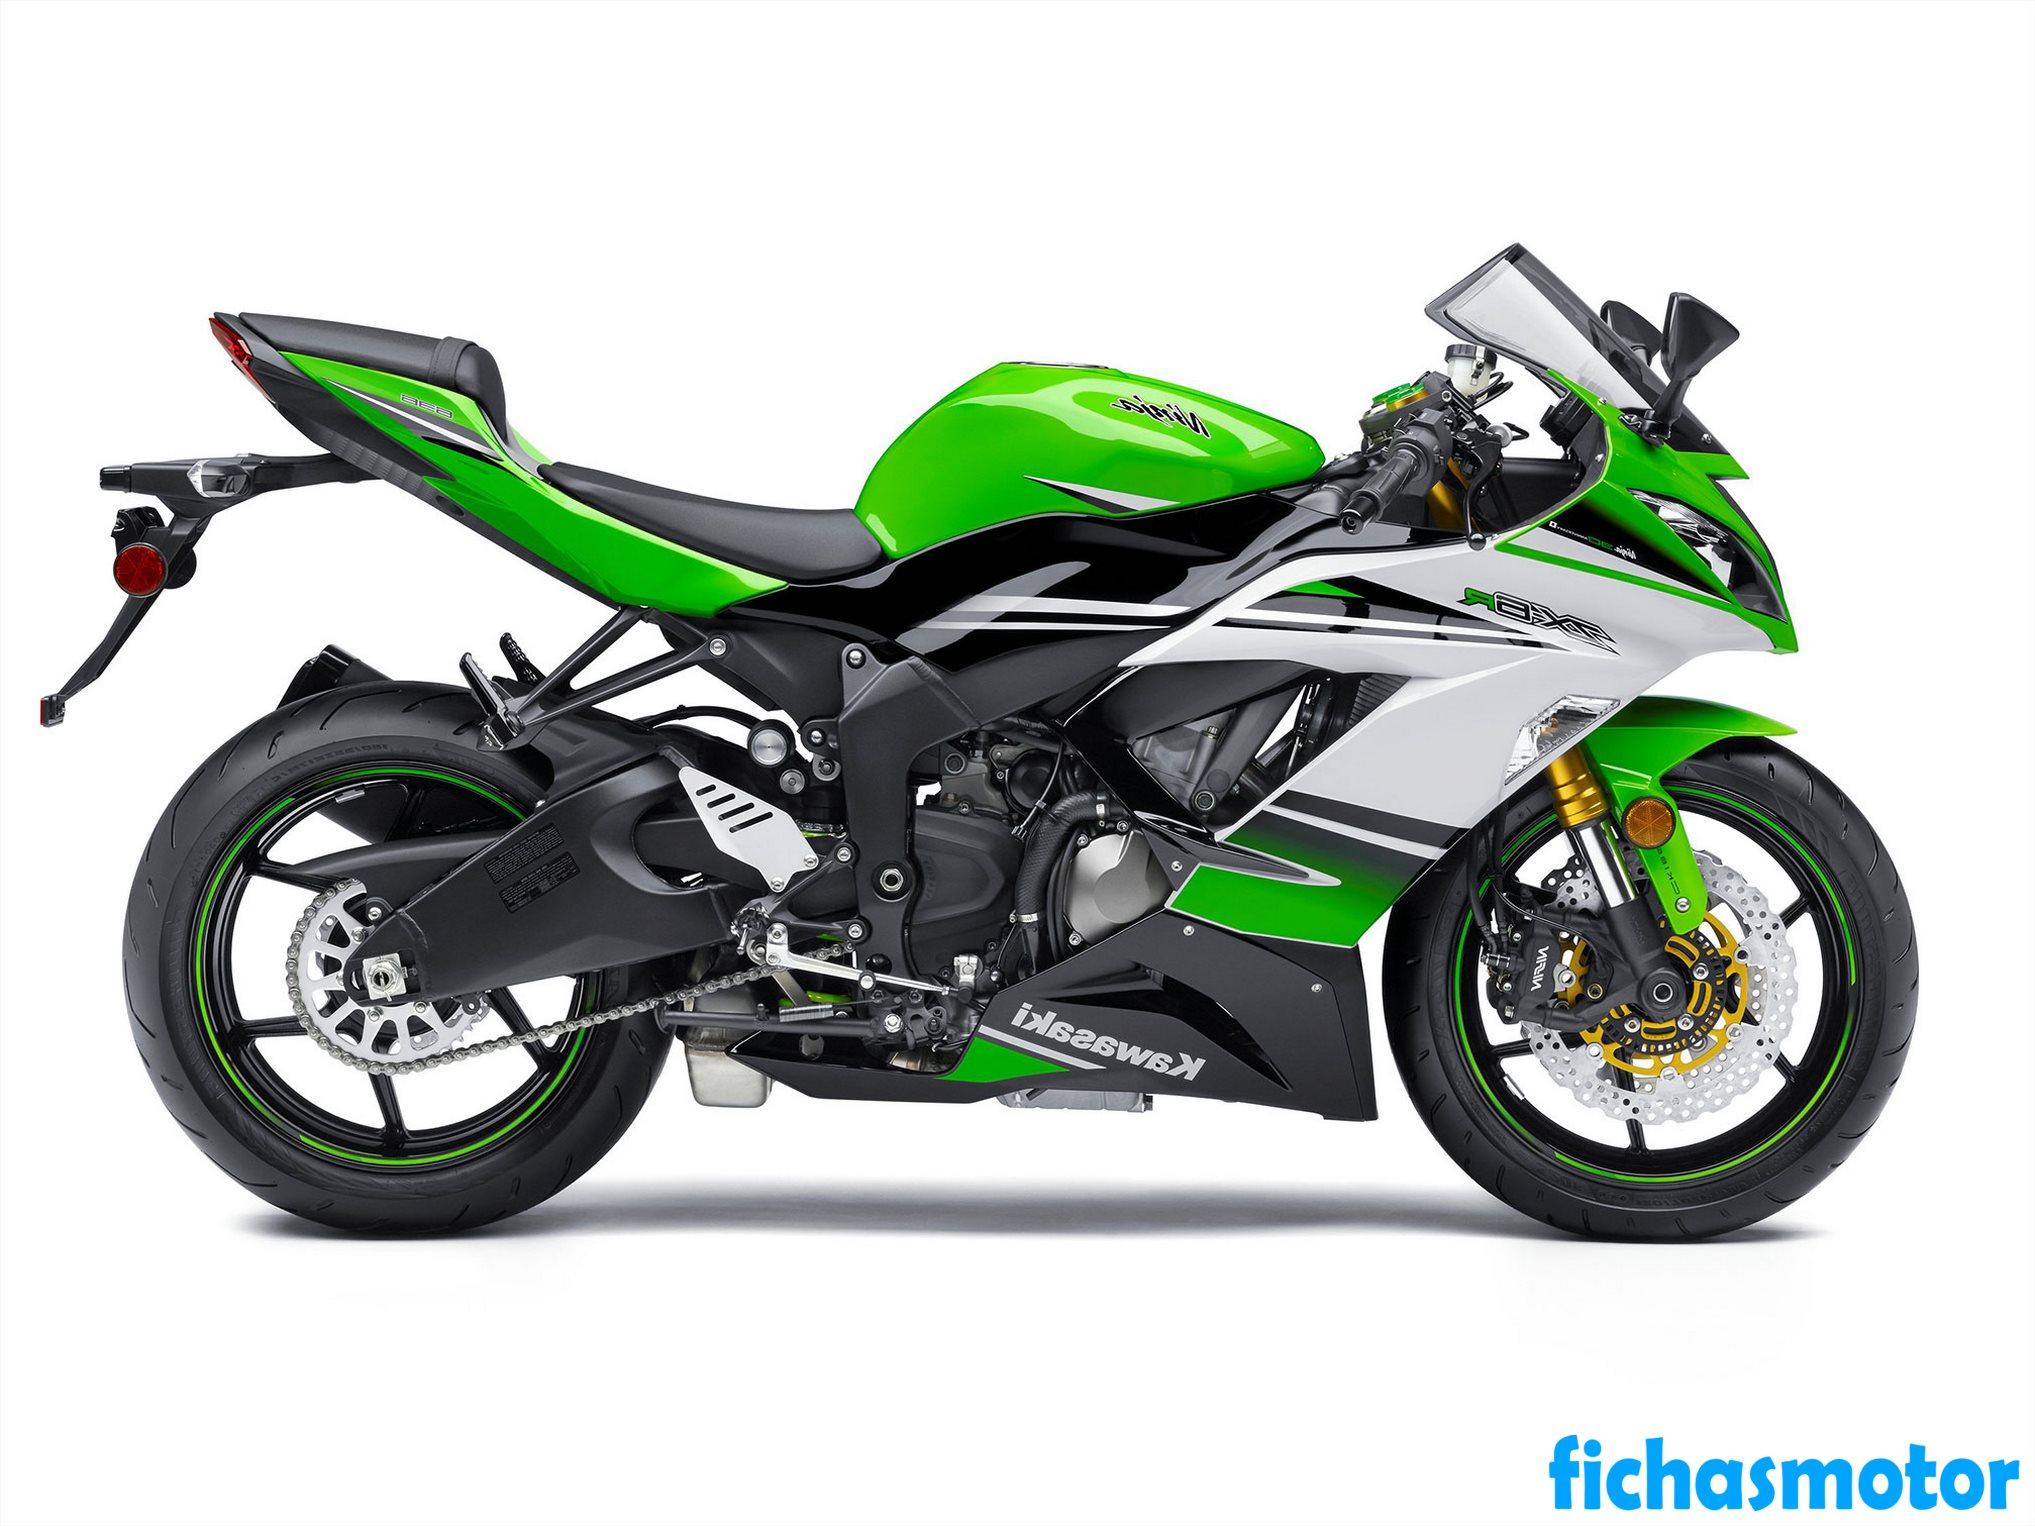 Ficha técnica Kawasaki ninja zx-6r 2017